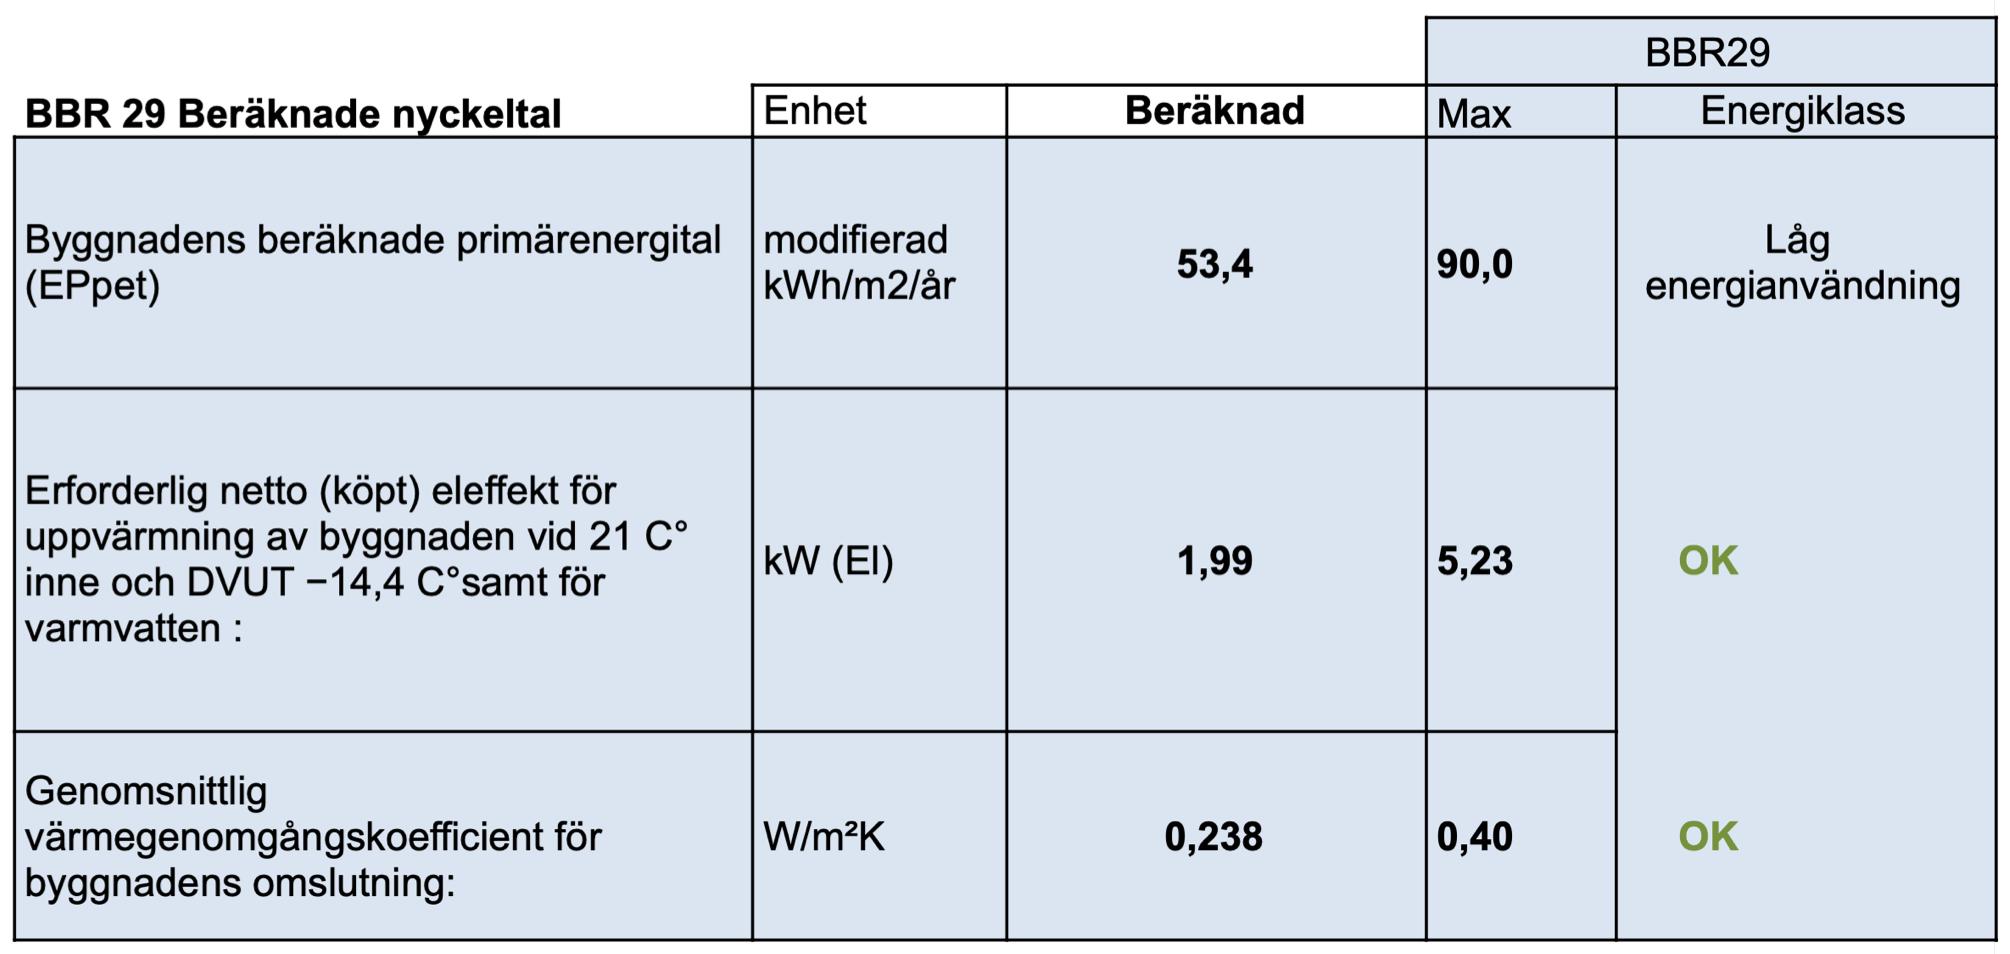 Exempel på energiberäkning som bl.a. visar primärenergital